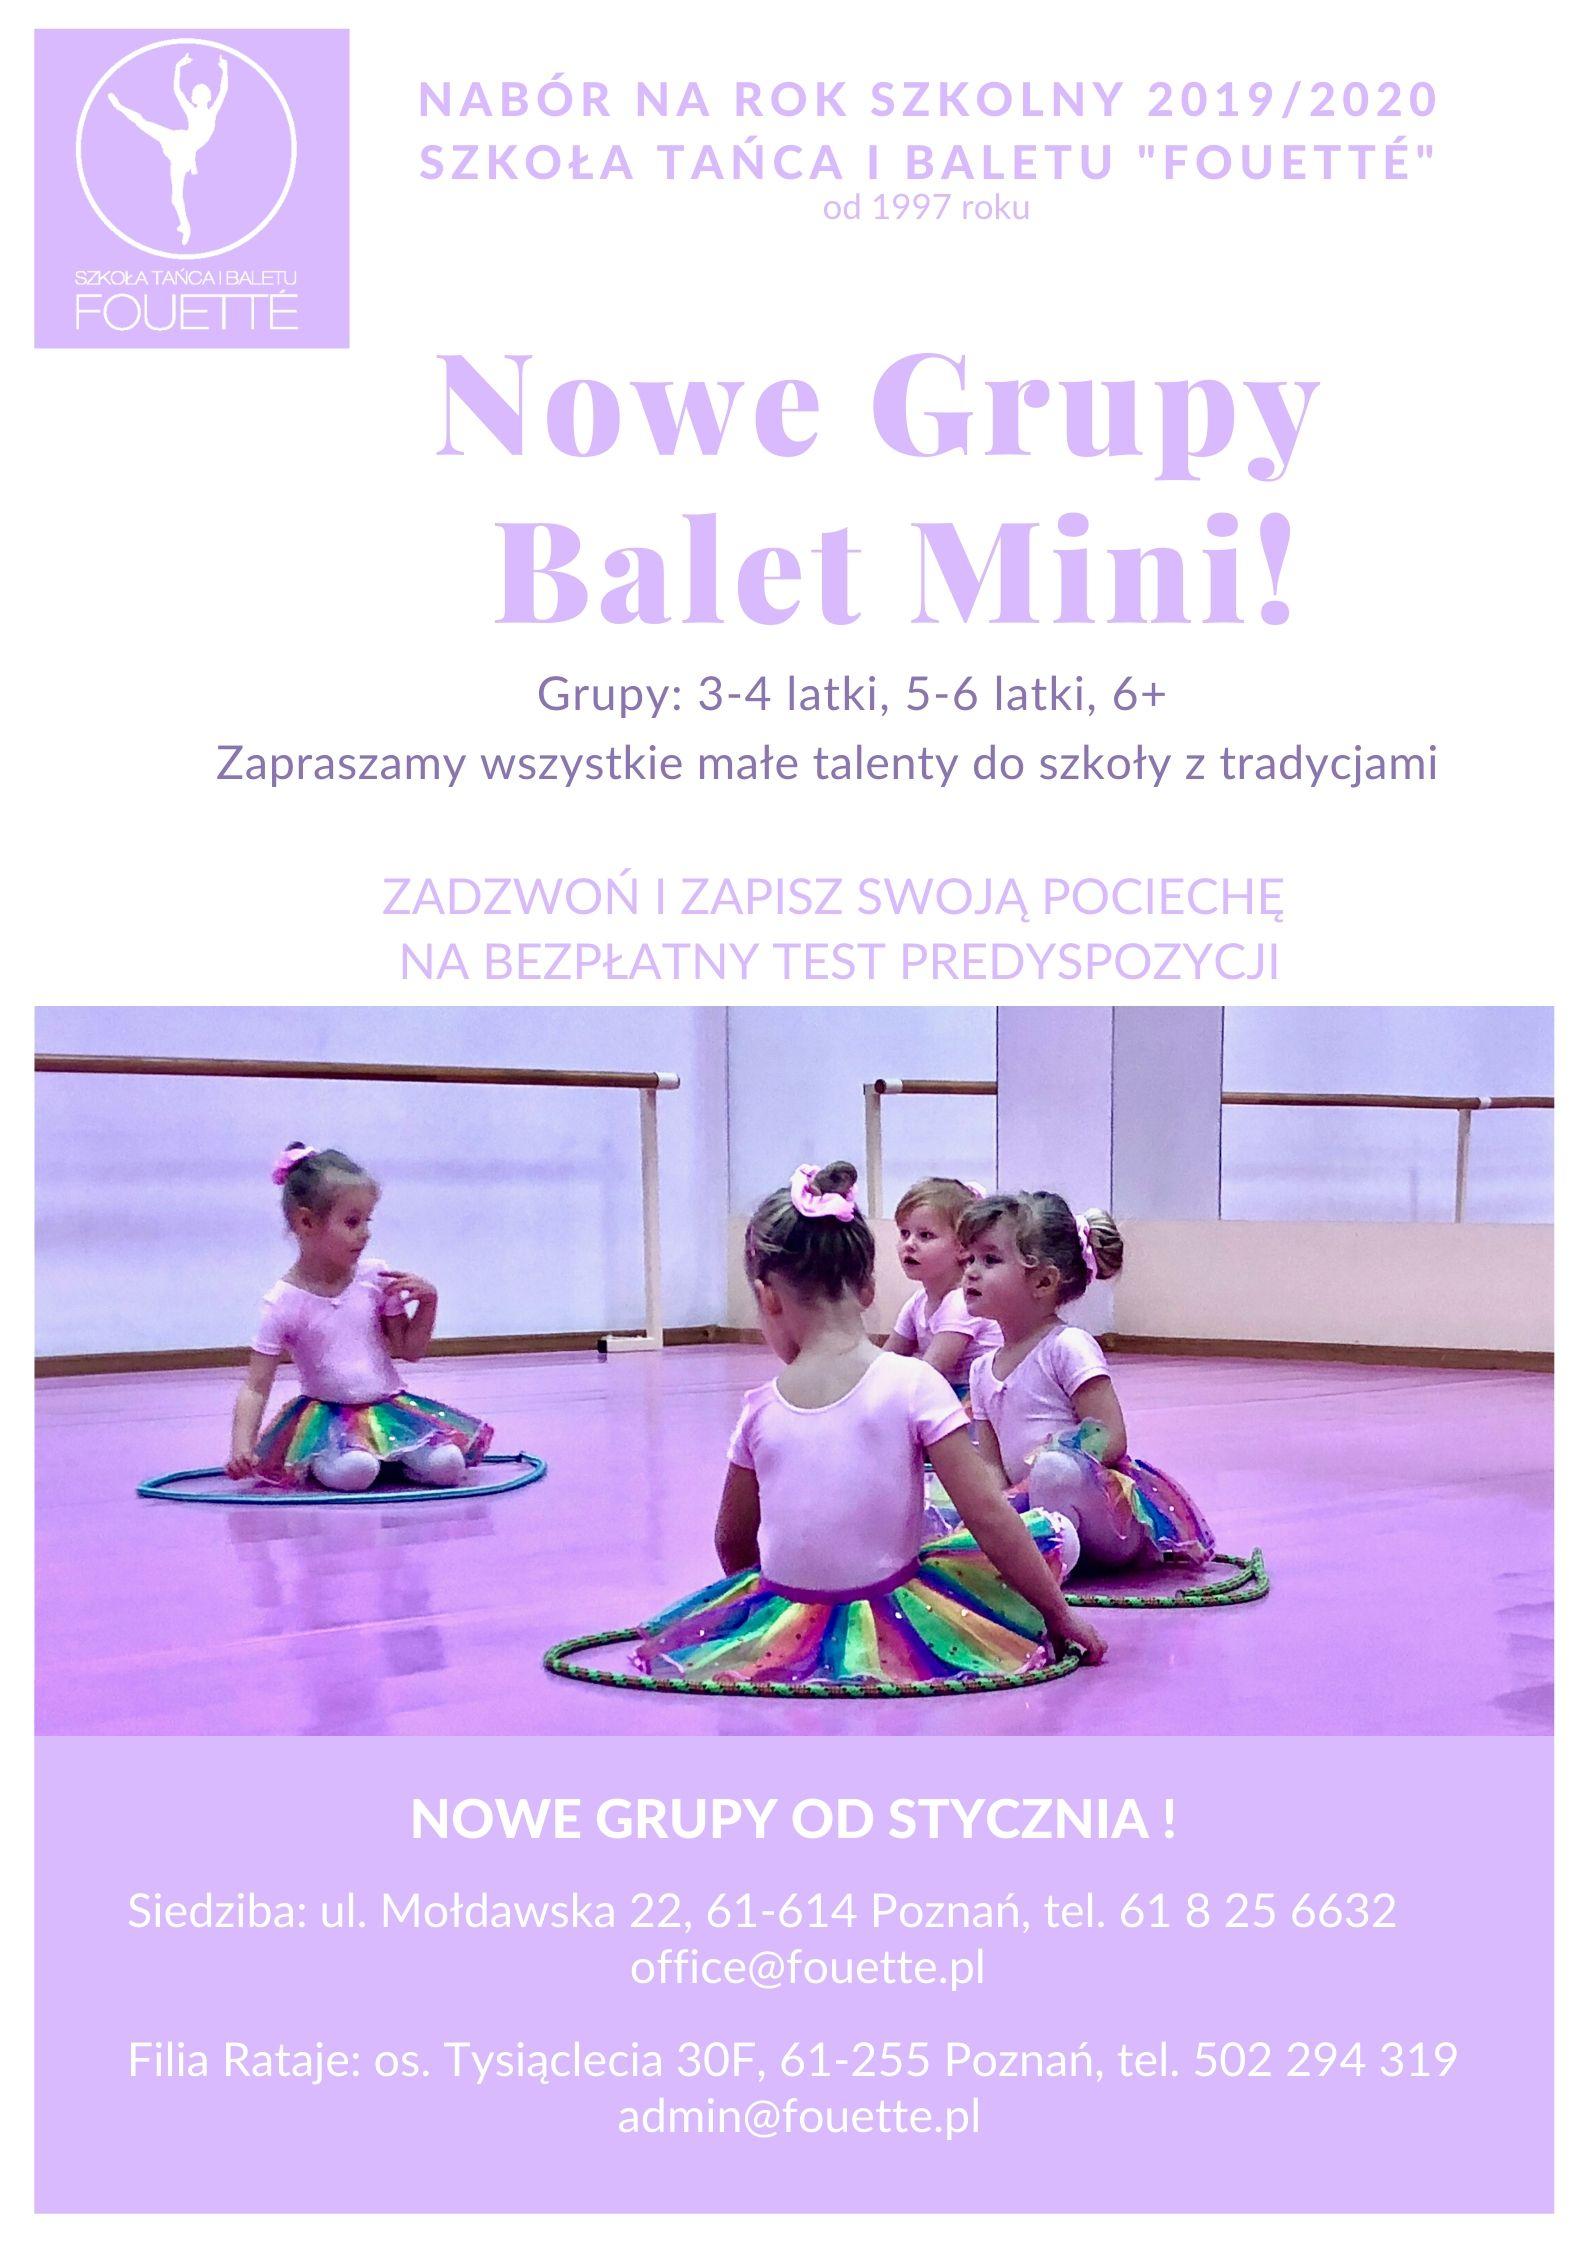 Plakat Nabór Balet Mini 19_20! (1)